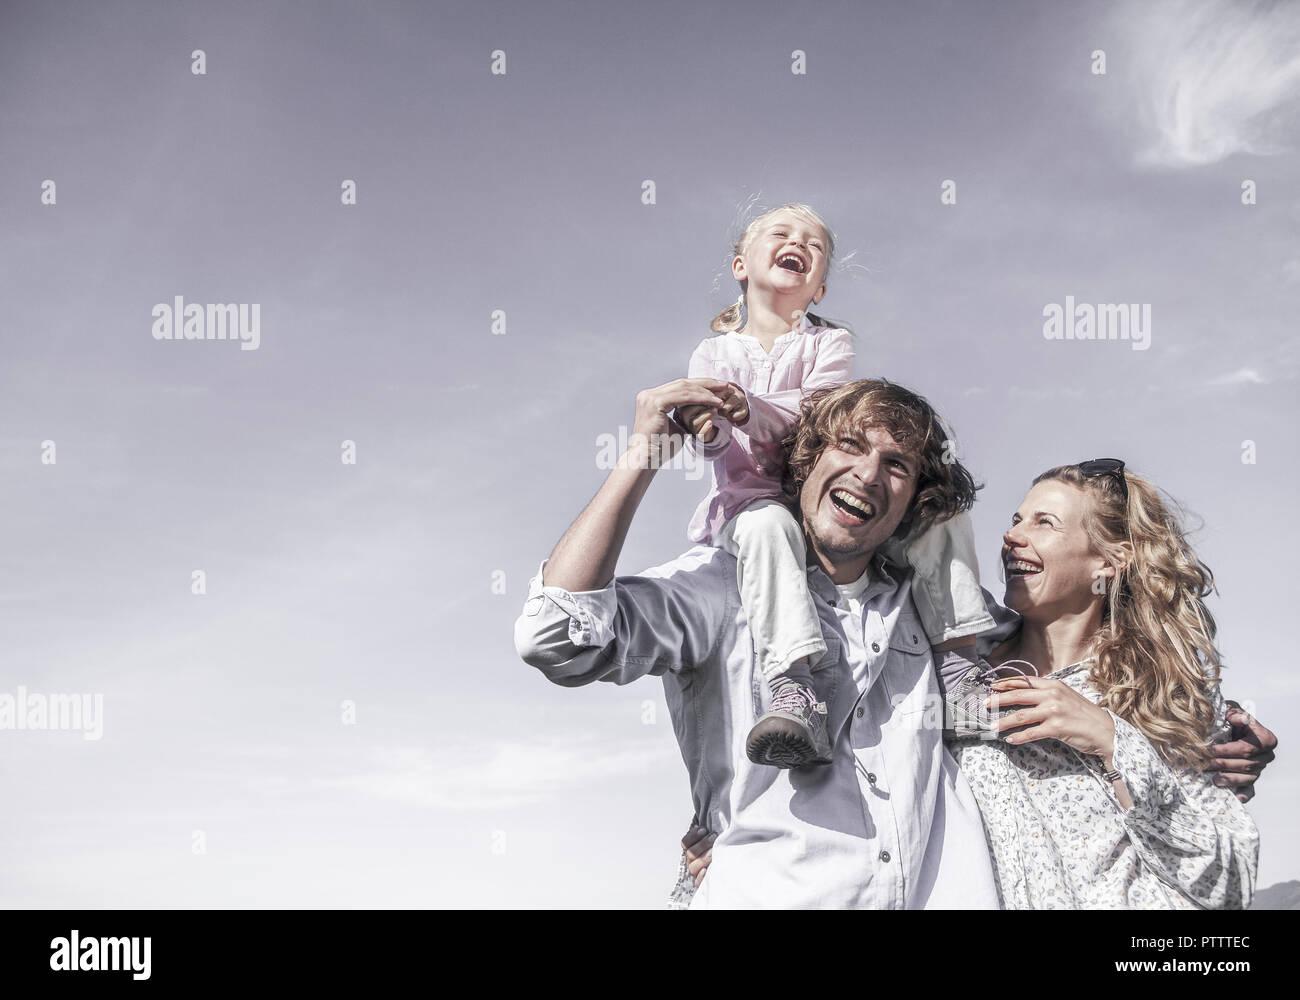 Froehliche Familie mit kleinem Maedchen (model-released) - Stock Image